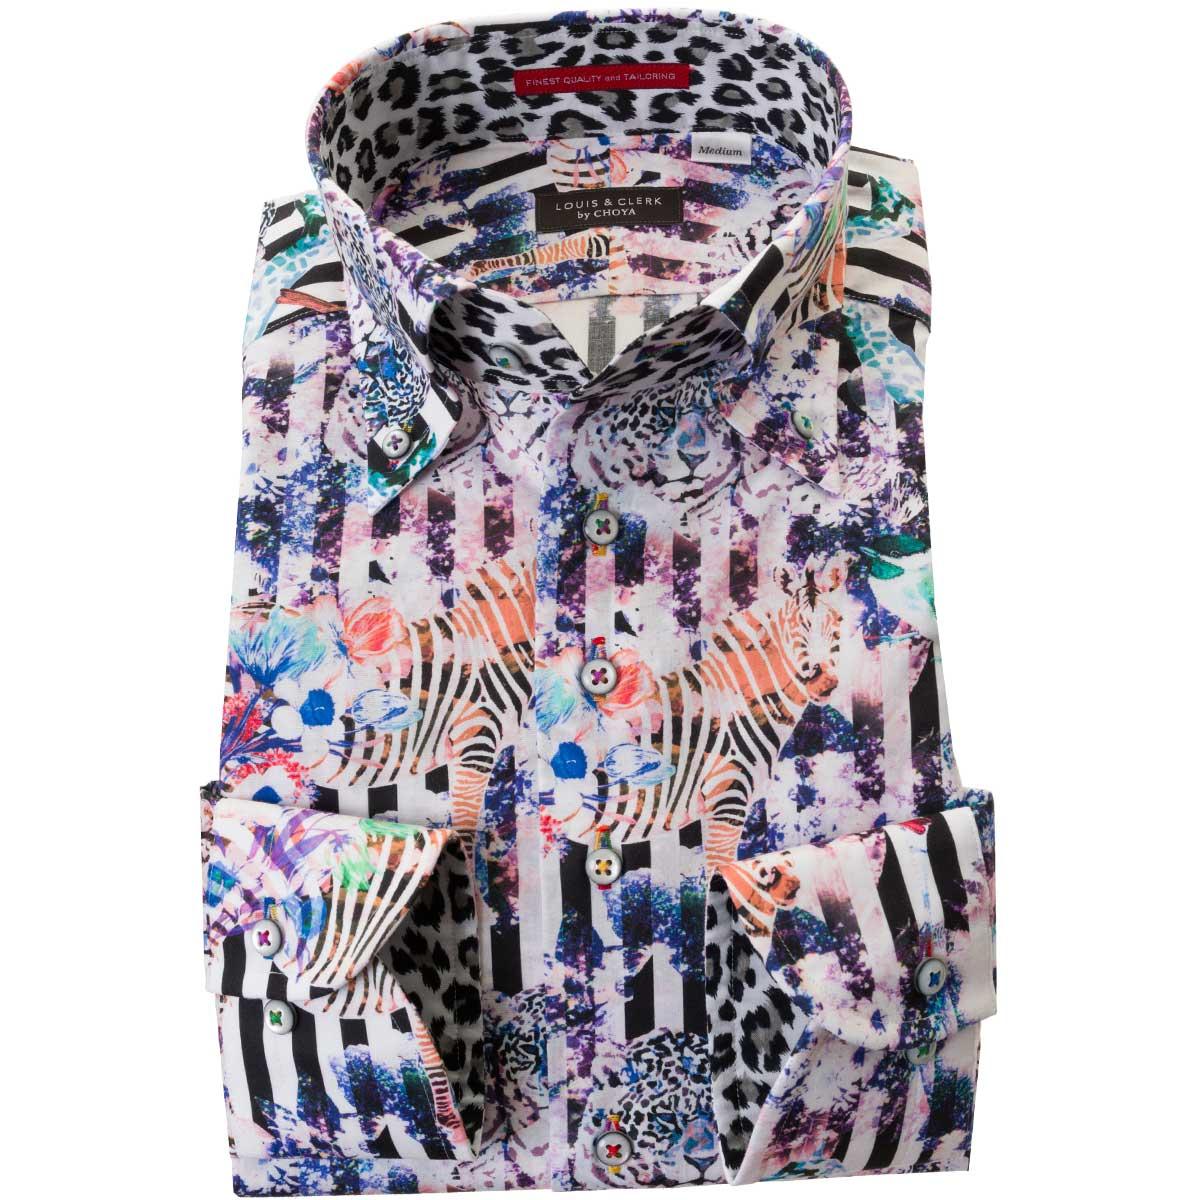 ドレスシャツ ワイシャツ シャツ メンズ 国産 長袖 ボタンダウン 着丈短め 胸ポケット無 コンフォート プリント ブロックストライプ 動物 アニマル 紫 緑